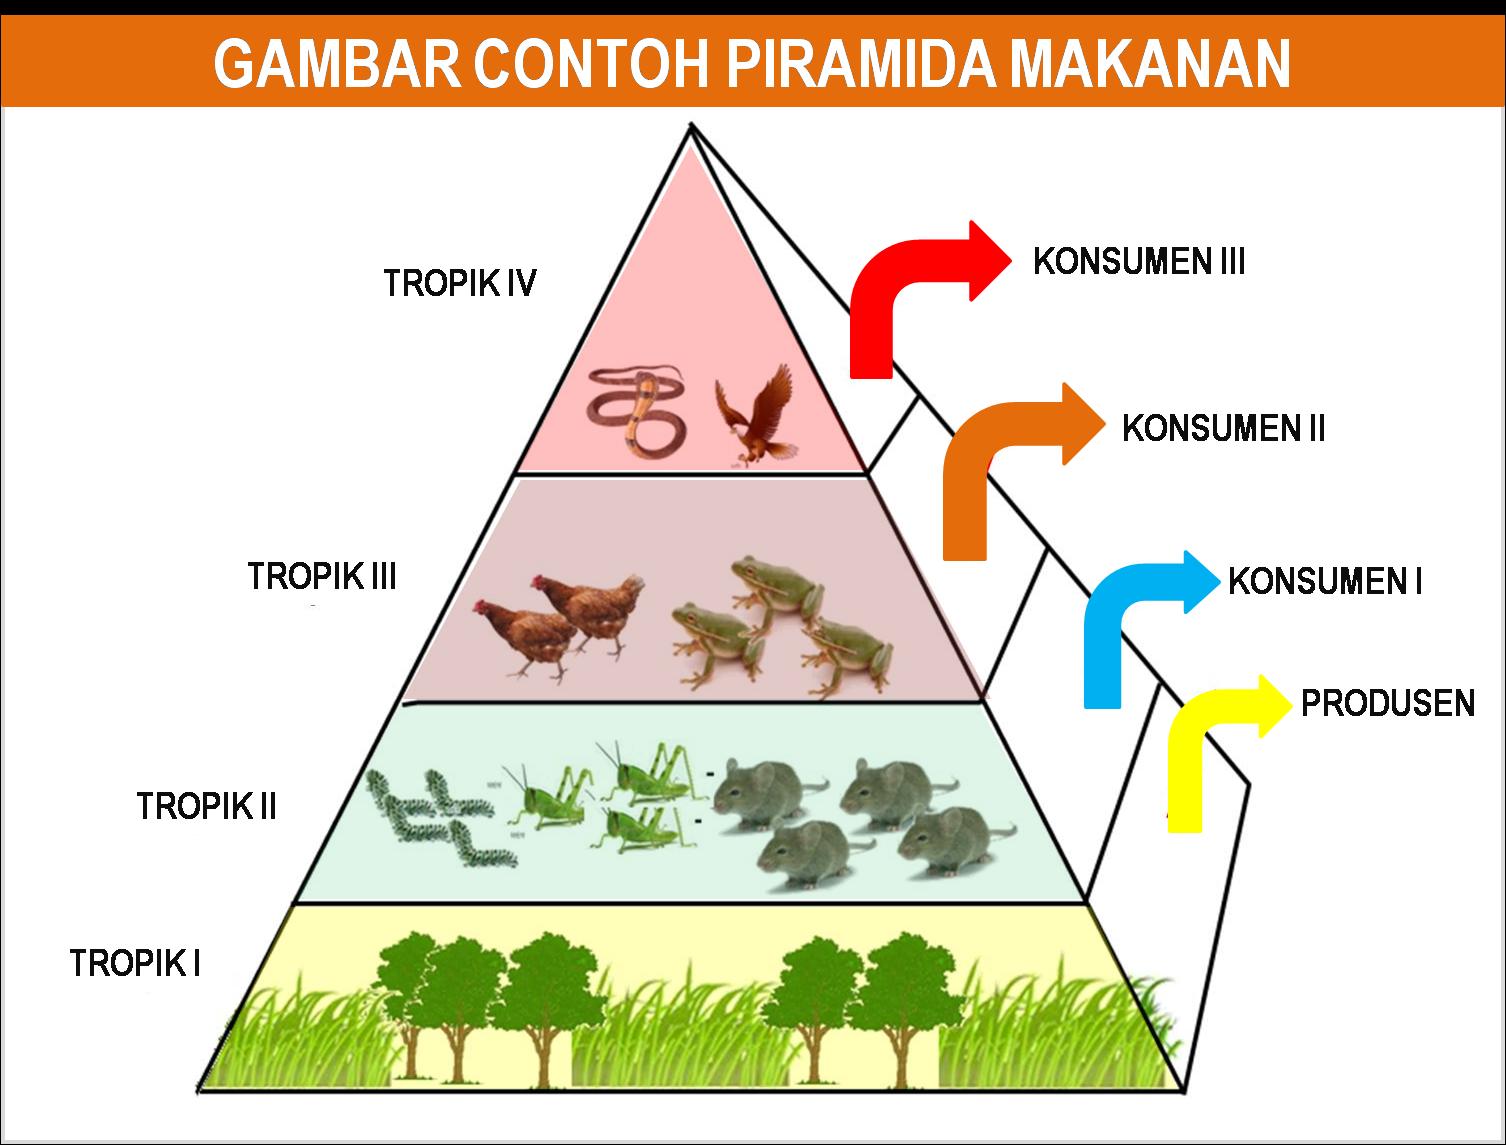 Gambar dan penjelasan piramida rantai dan jaring makanan freewaremini berikut di bawah ini contoh contoh dari gambar piramida rantai dan jaring makanan pada sebuah ekosistem silahkan temukan dan lihat perbedaannya ccuart Gallery